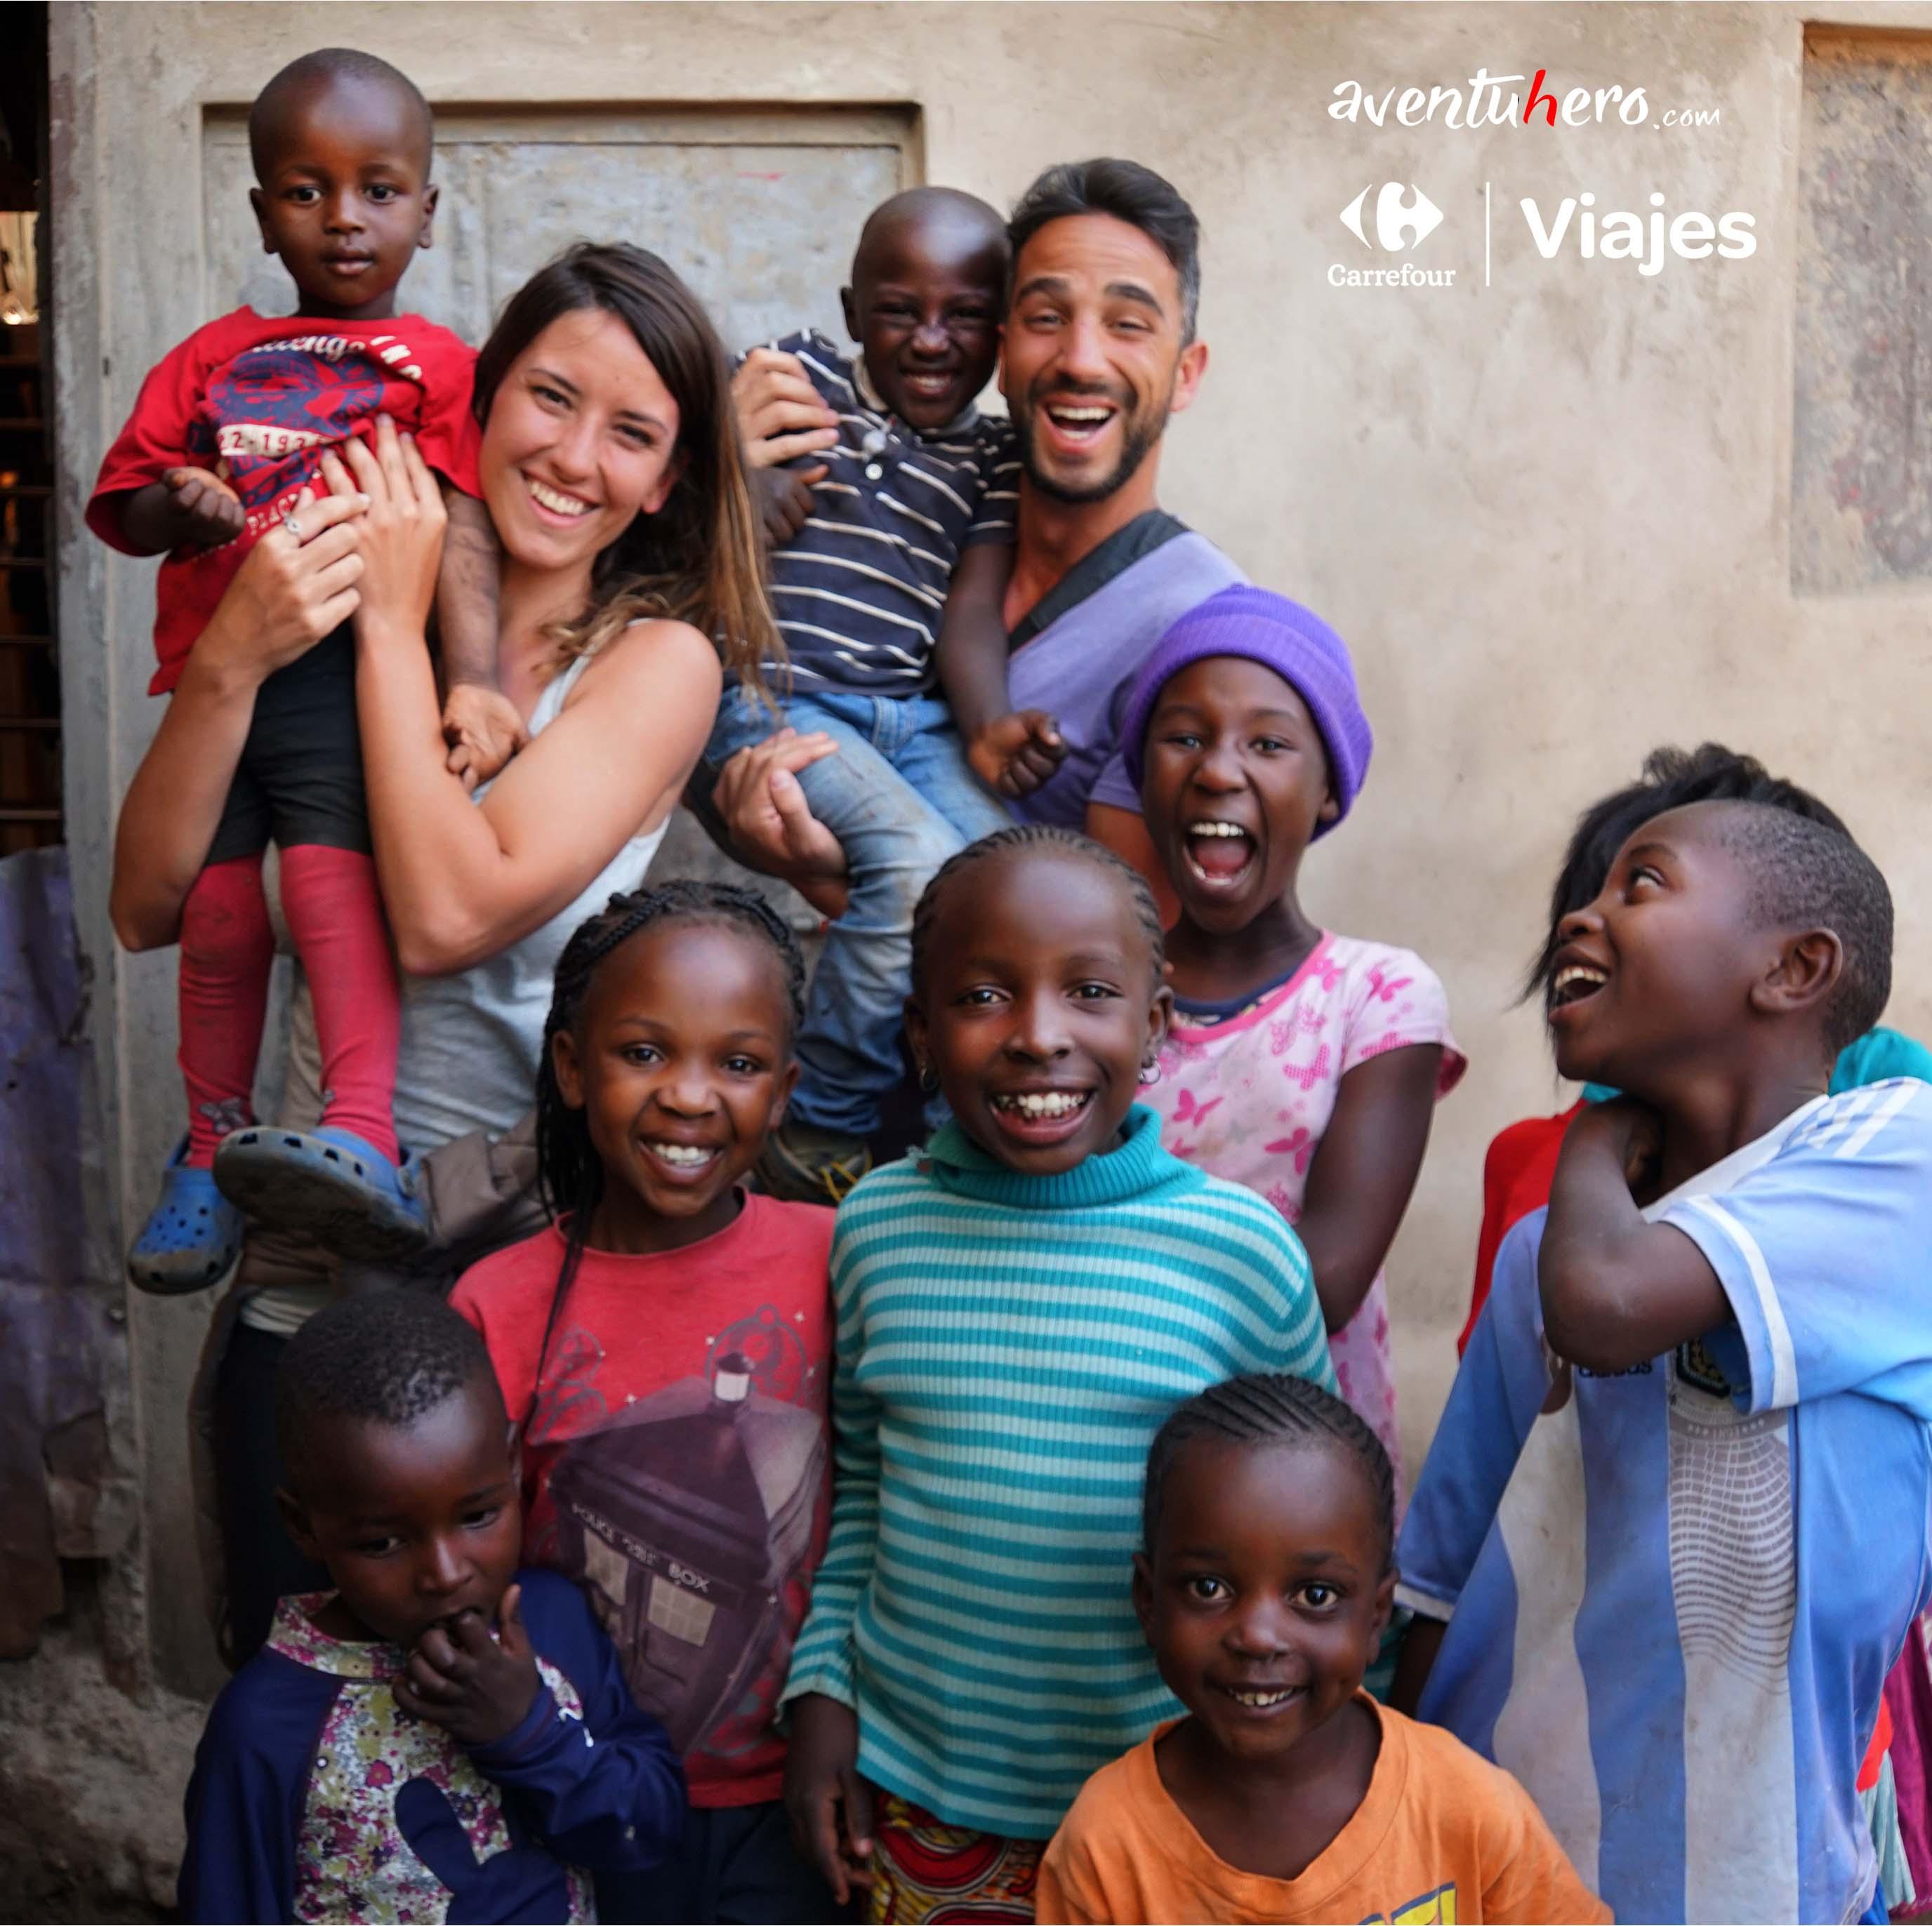 Niños en Nairobi con Aventuhero